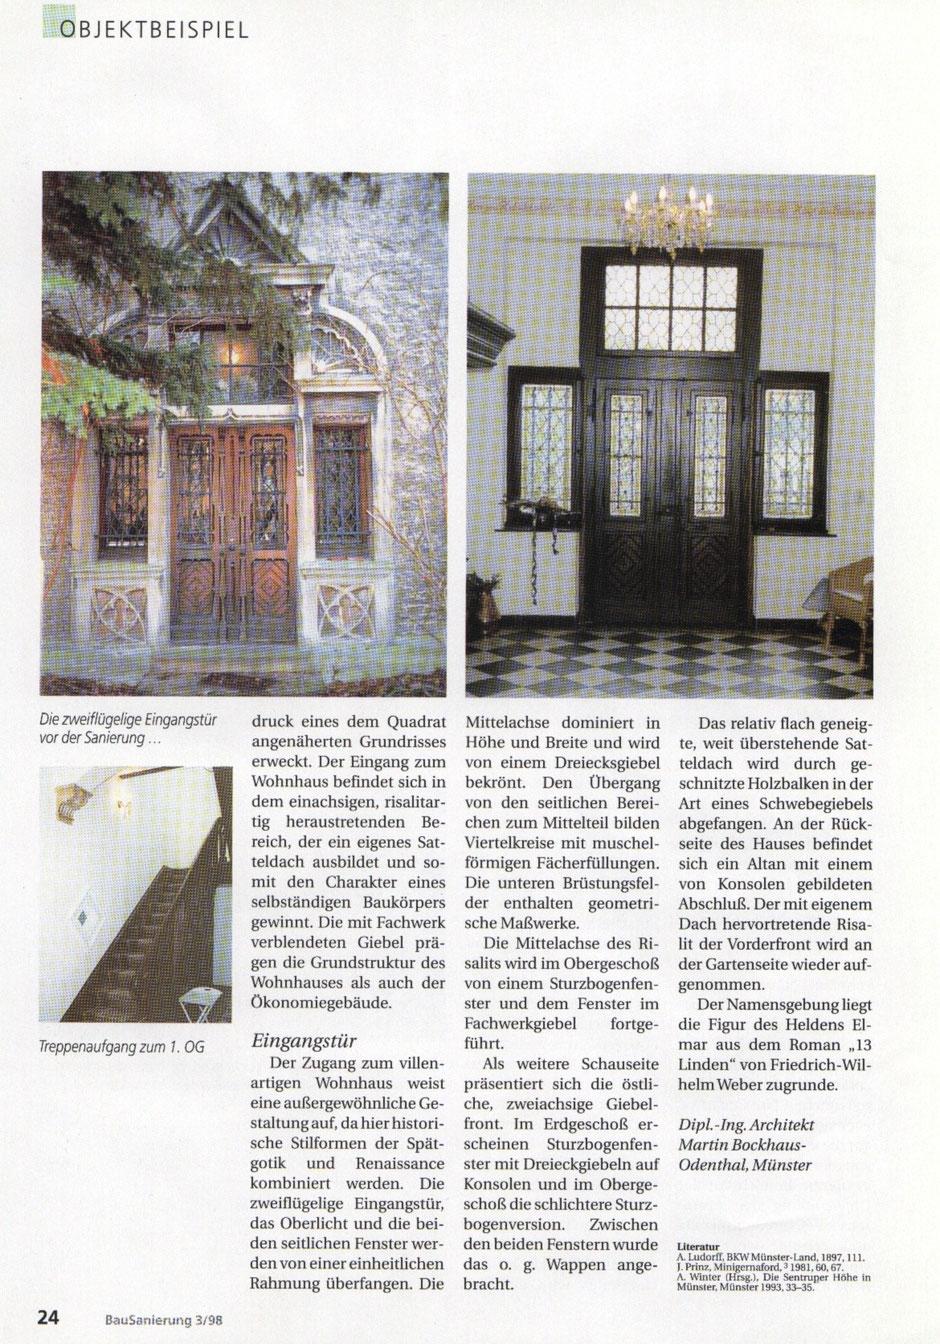 Bilderreihe: Bild5 : Artikel aus der Bausanierung, Sanierung eines Originals, Haus Elmar Münster